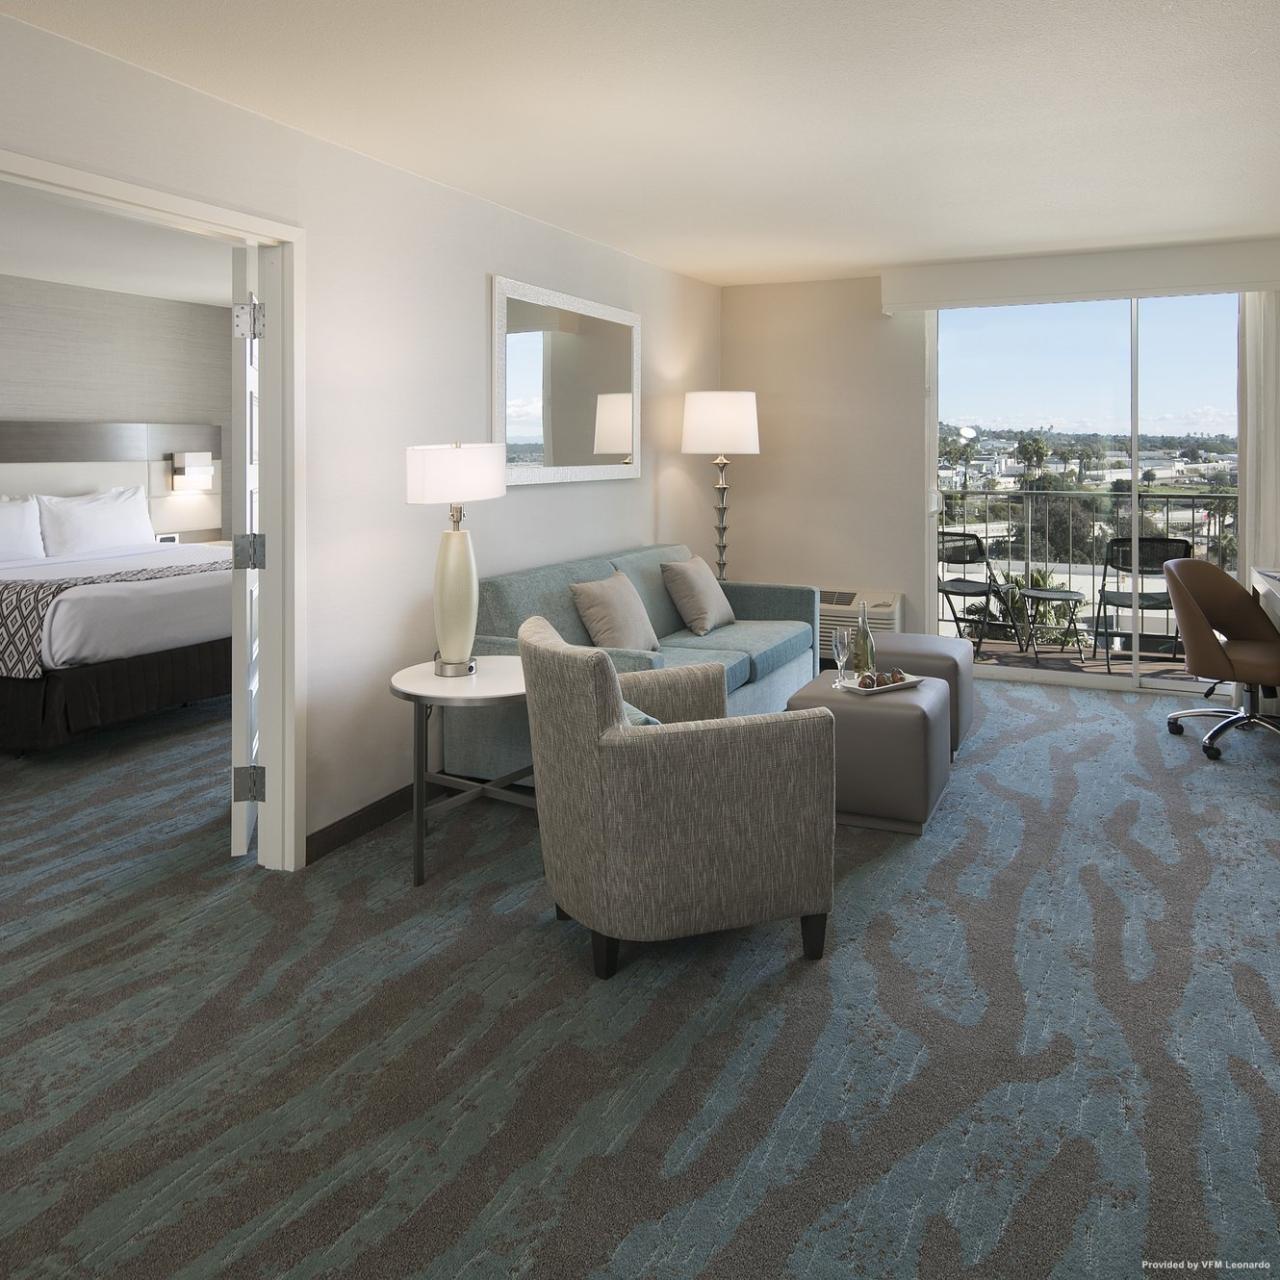 Hotel Crowne Plaza Ventura Beach 4